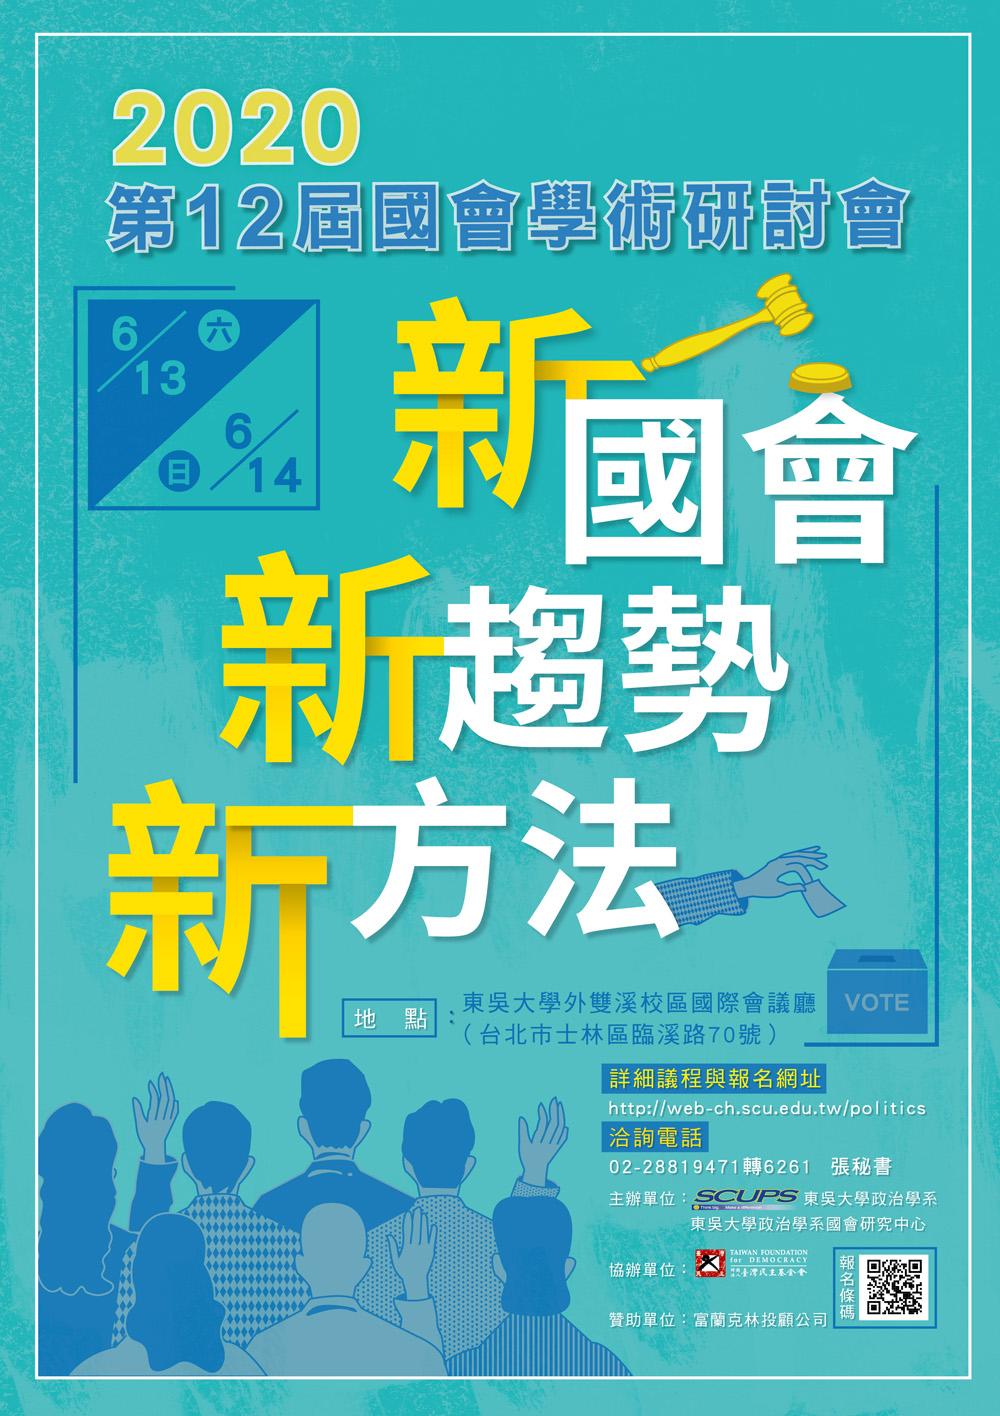 第十二屆國會學術研討會:新國會、新趨勢、新方法」學術研討會